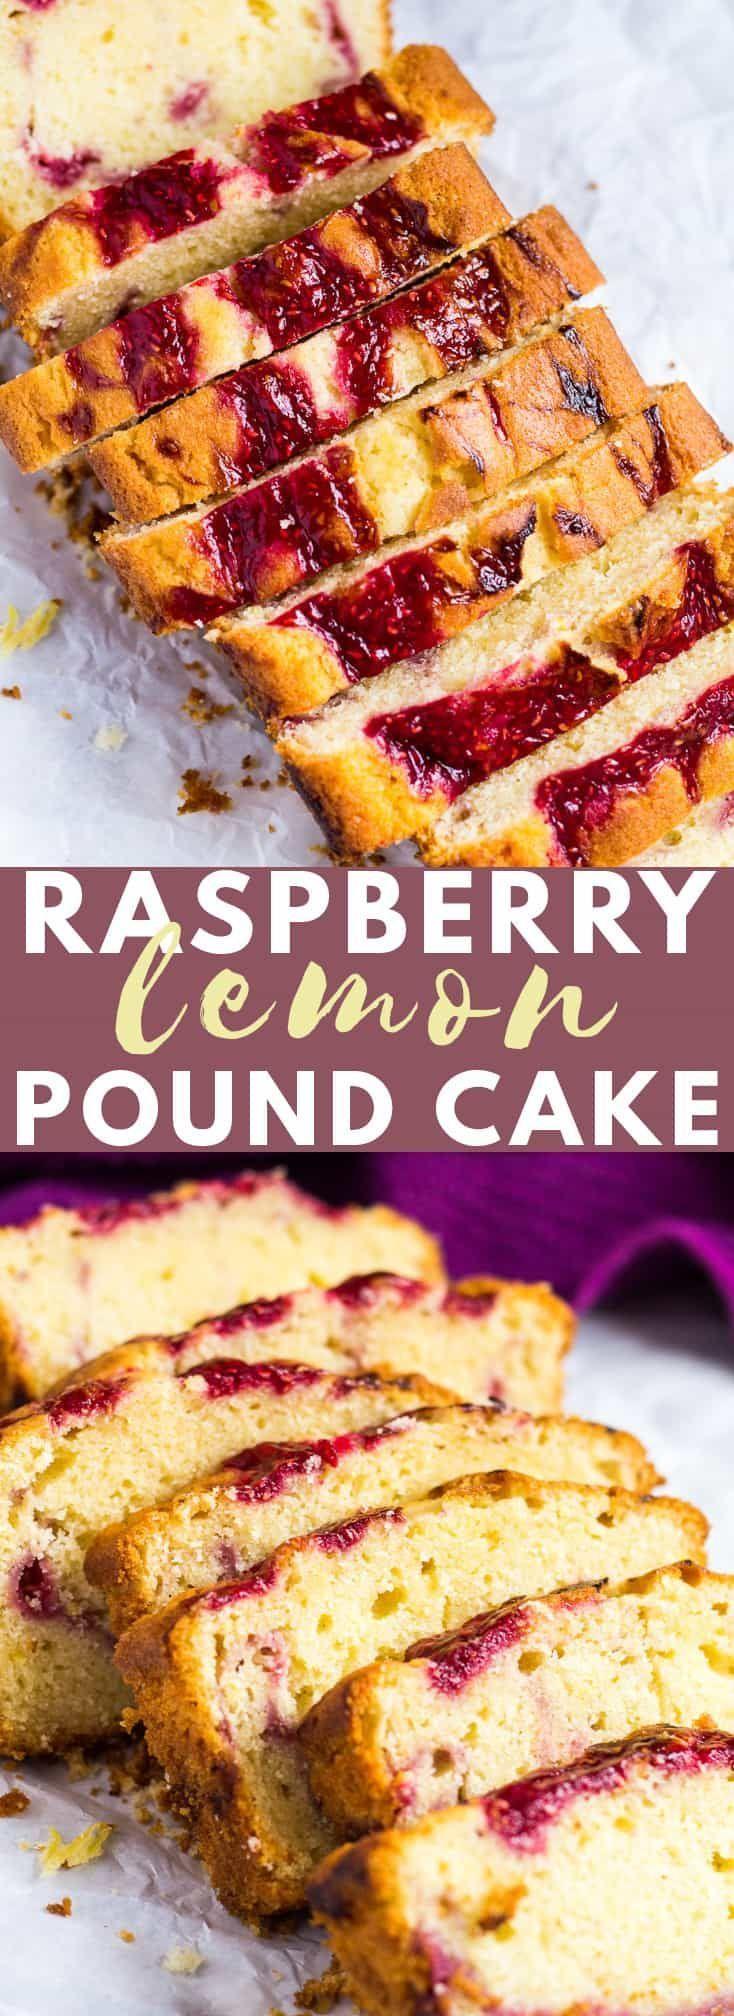 Gâteau au citron framboise Swirl – Un sac incroyablement moelleux et moelleux infusé au citron …   – Baking